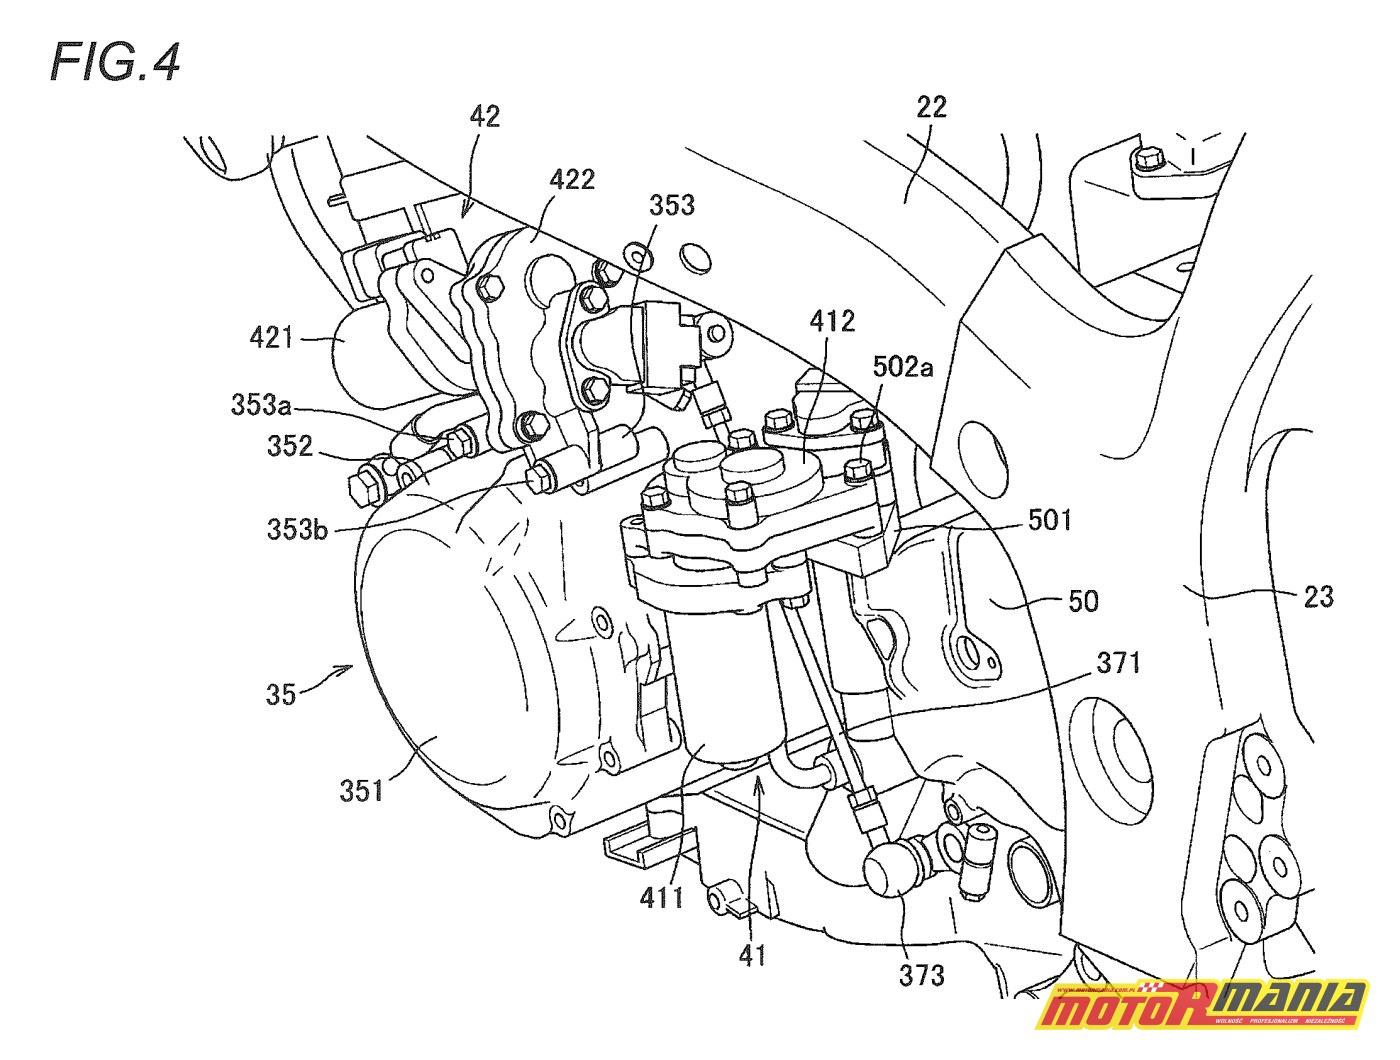 021518-Suzuki-Hayabusa-automatic-transmission-patent-4